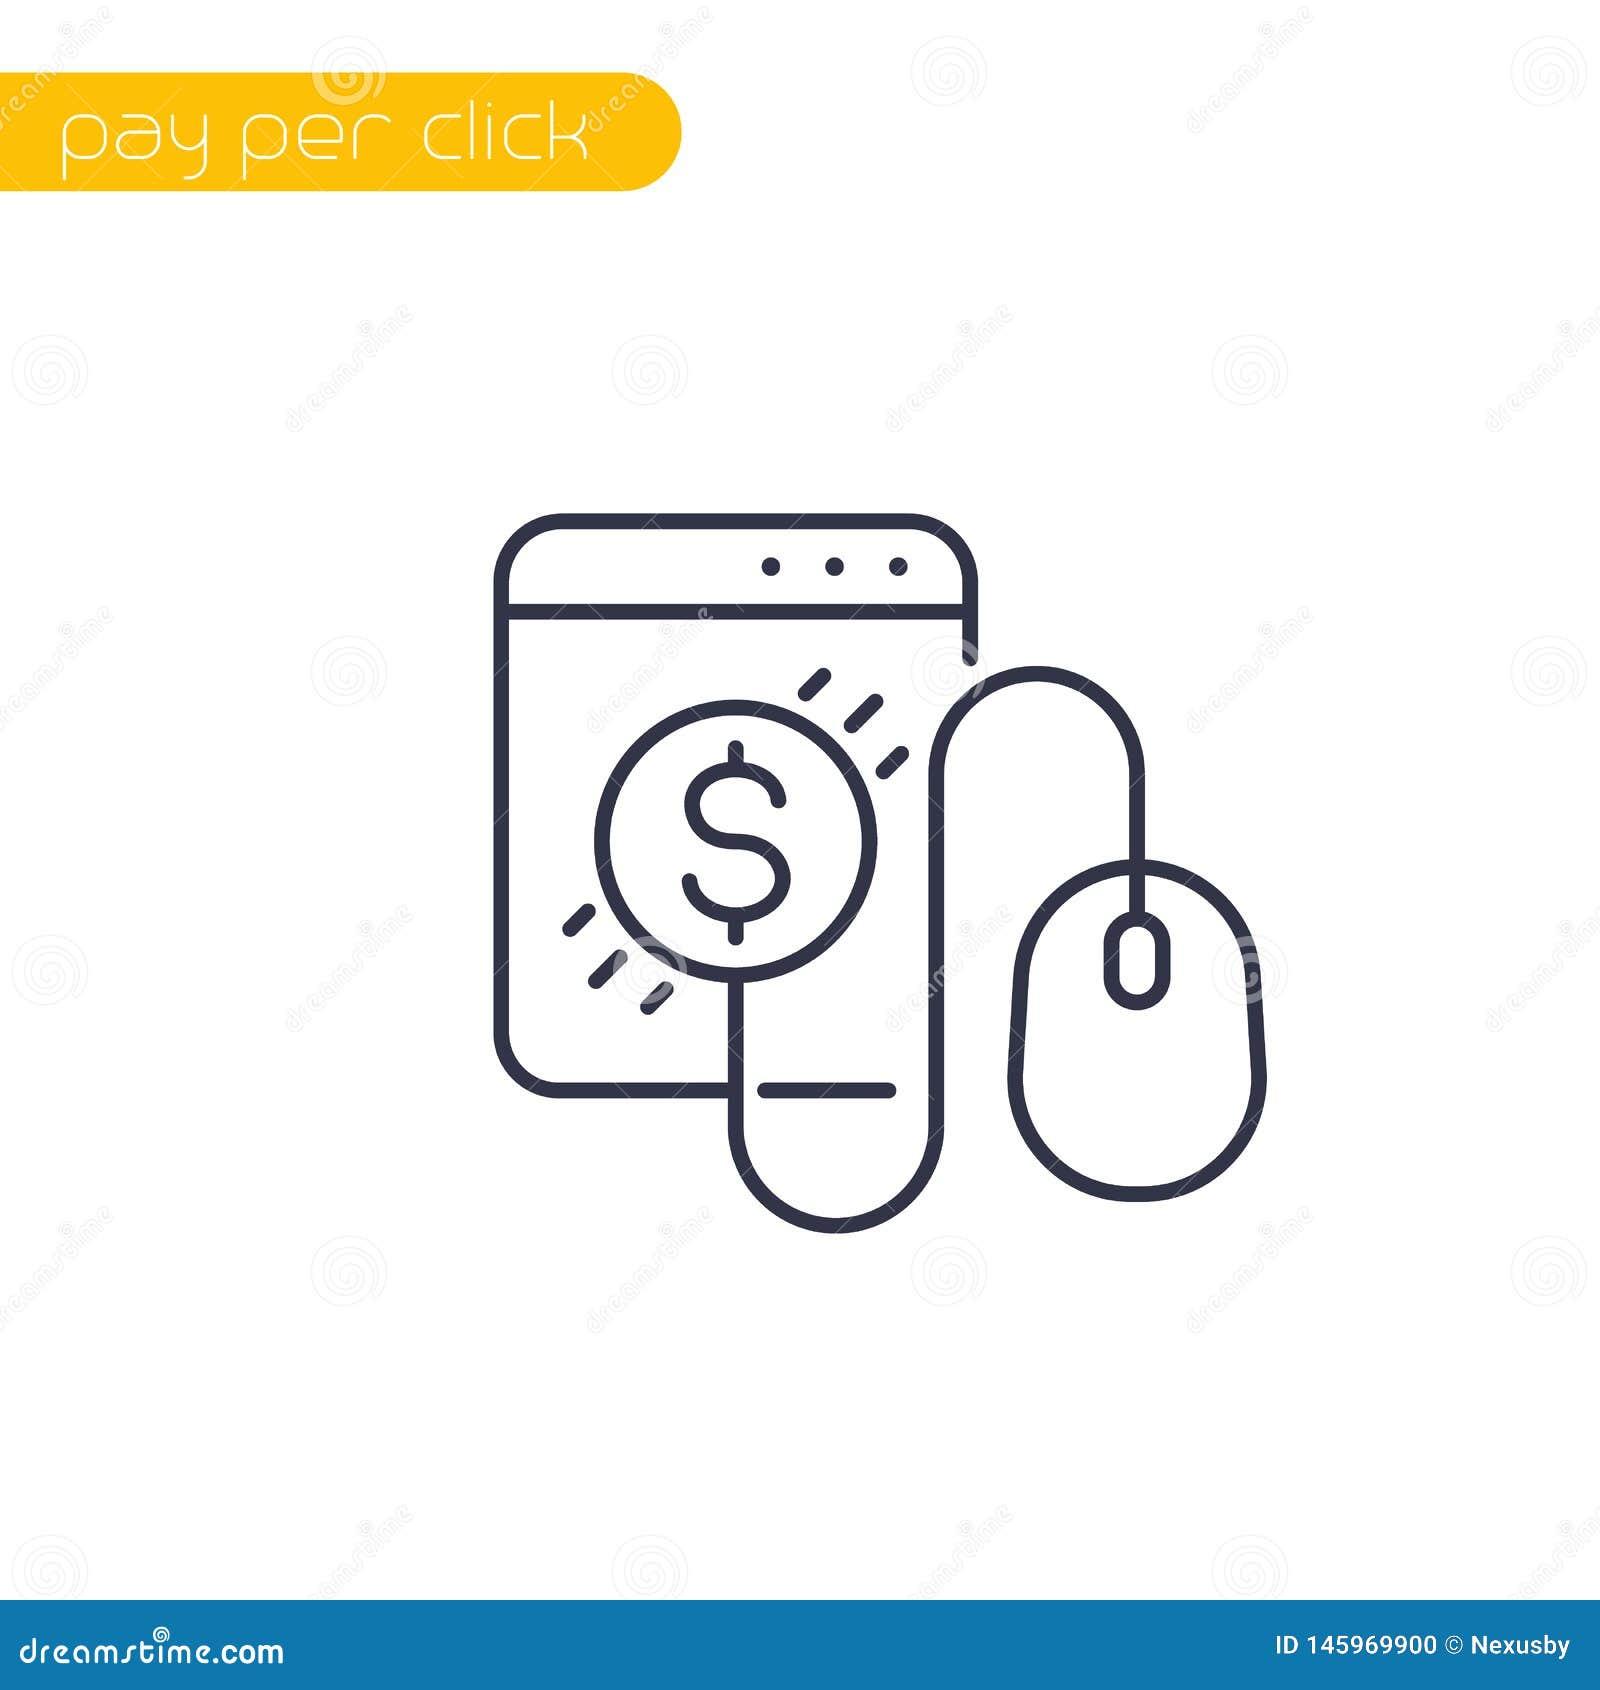 Pagamento pelo ícone do clique com rato e moeda, linha